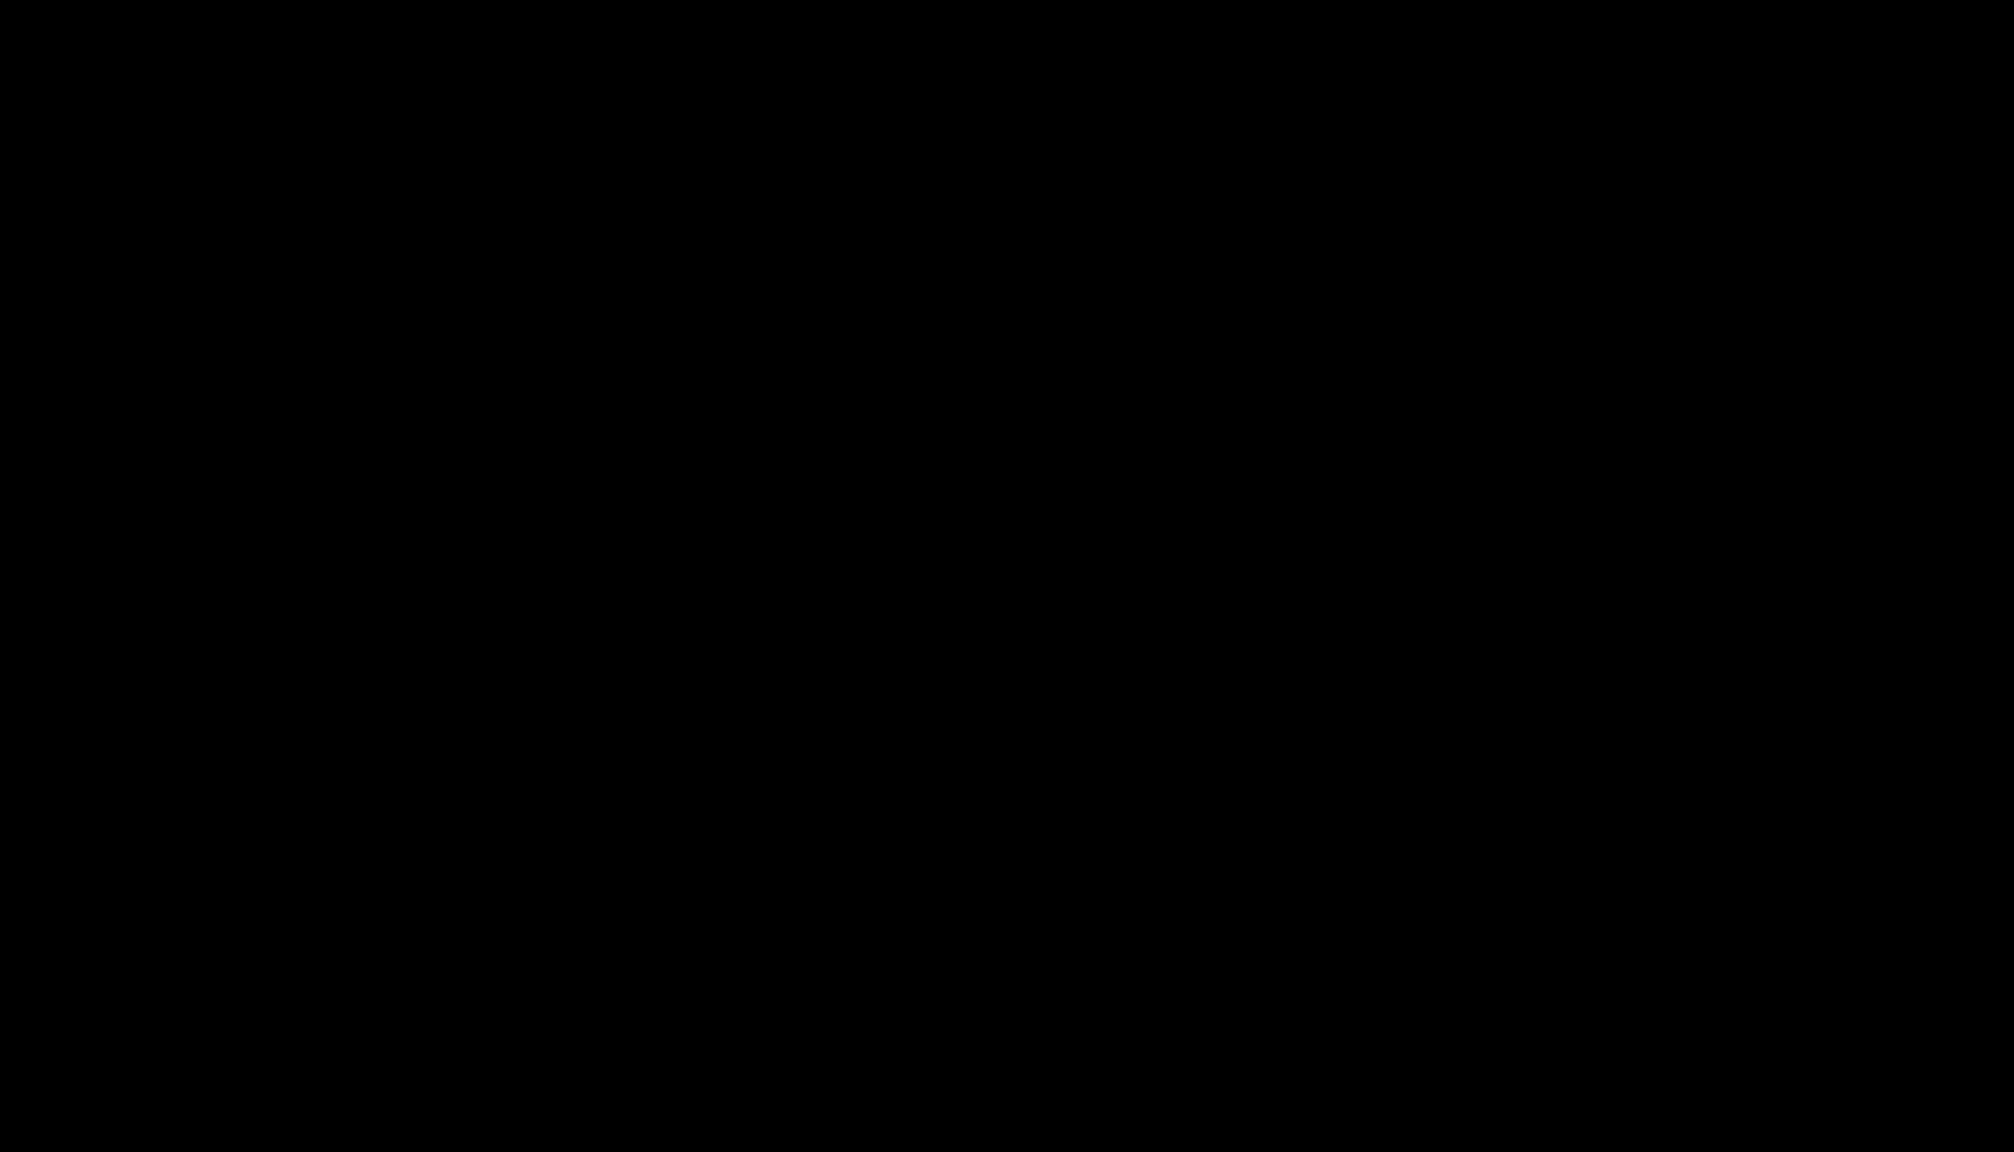 JNJ-26481585